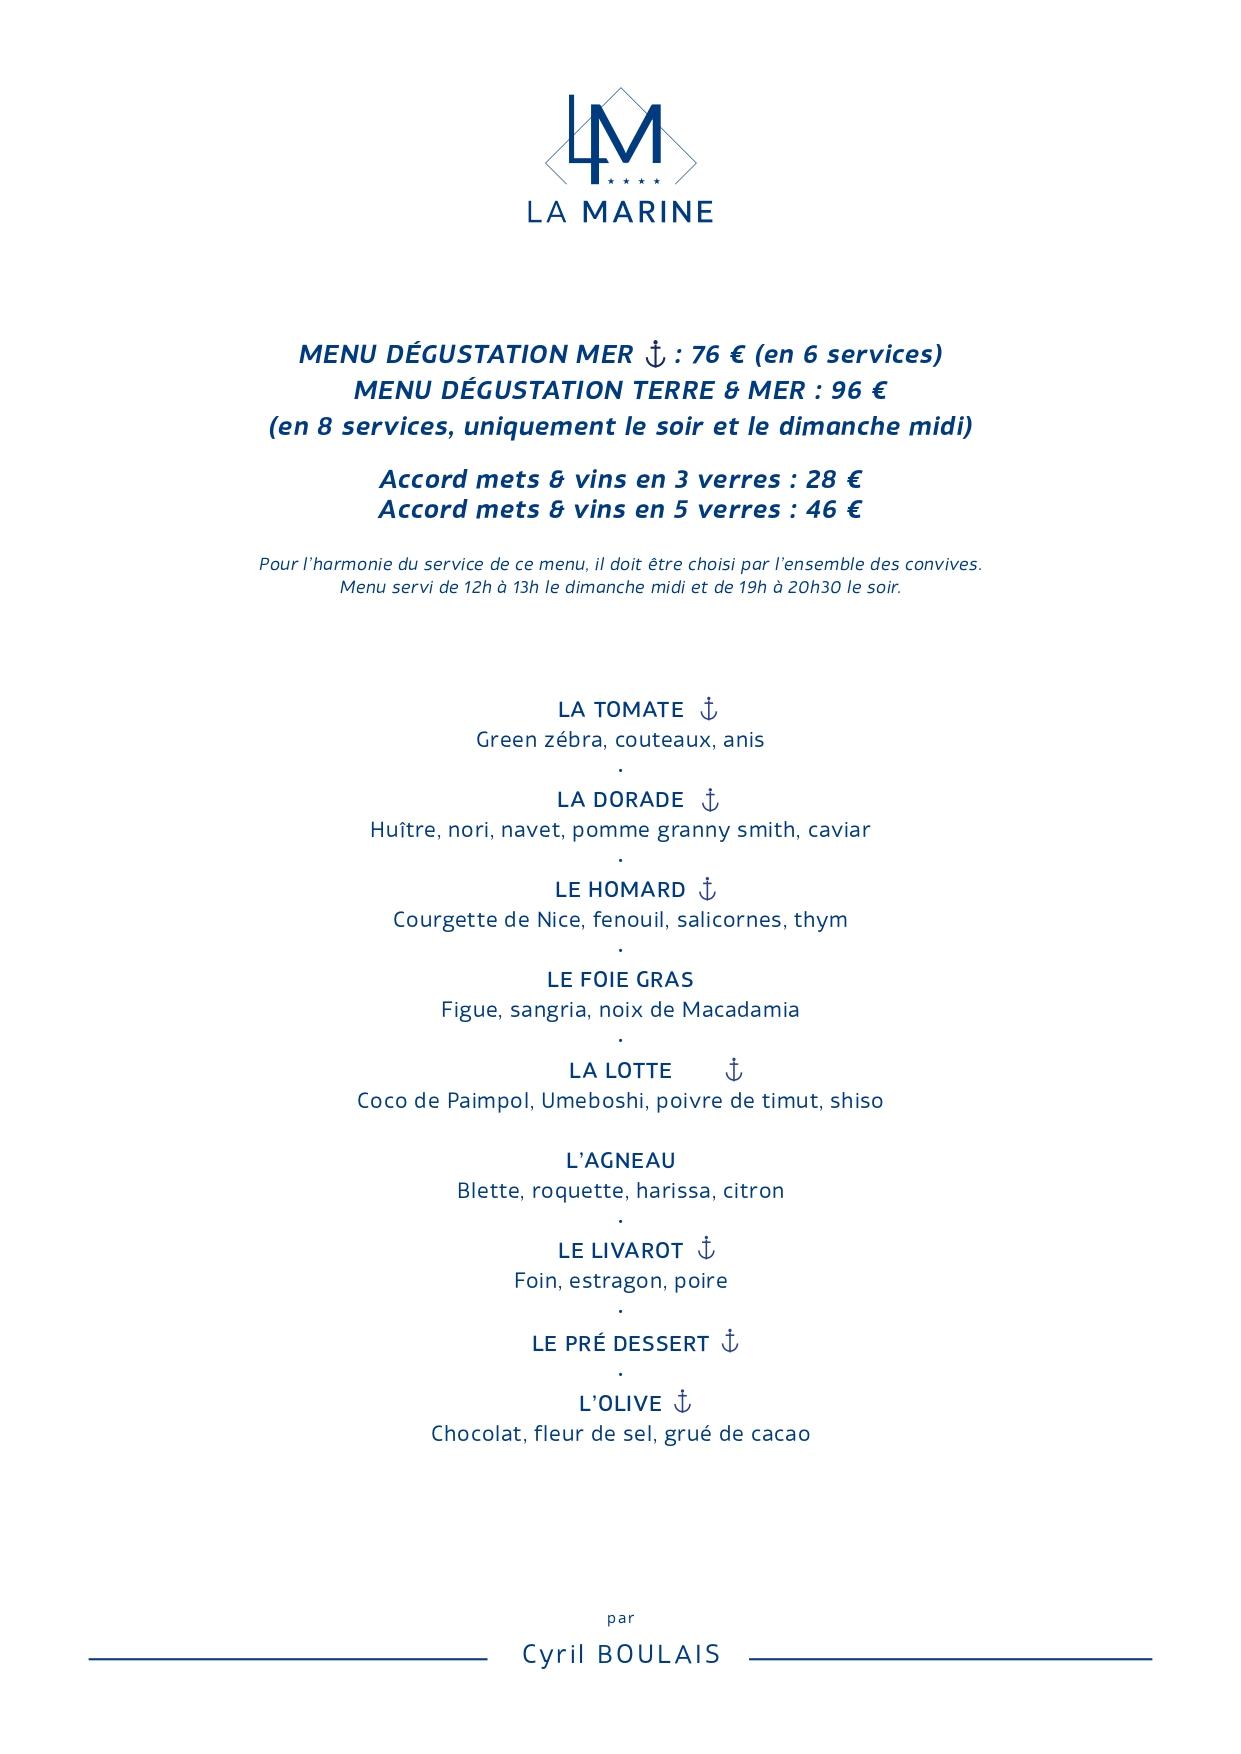 menusA4portraitLM-04septembre2021_page-0001